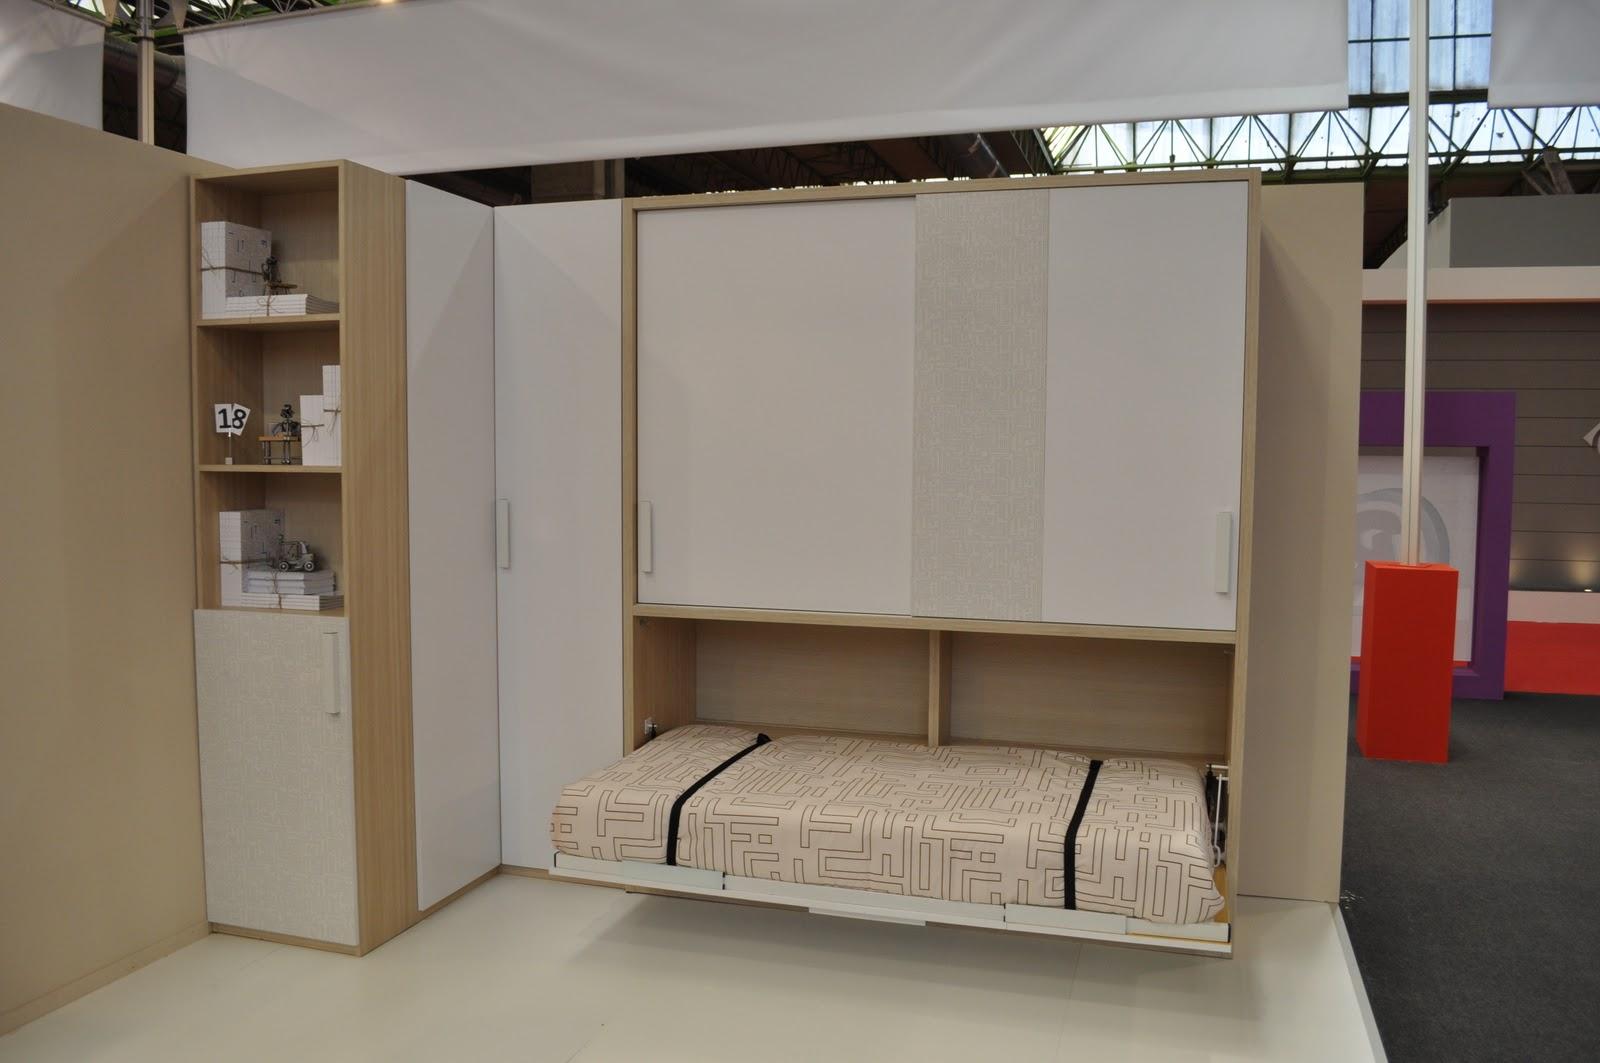 Muebles ros feria de zaragoza camas abatibles - Camas muebles abatibles ...